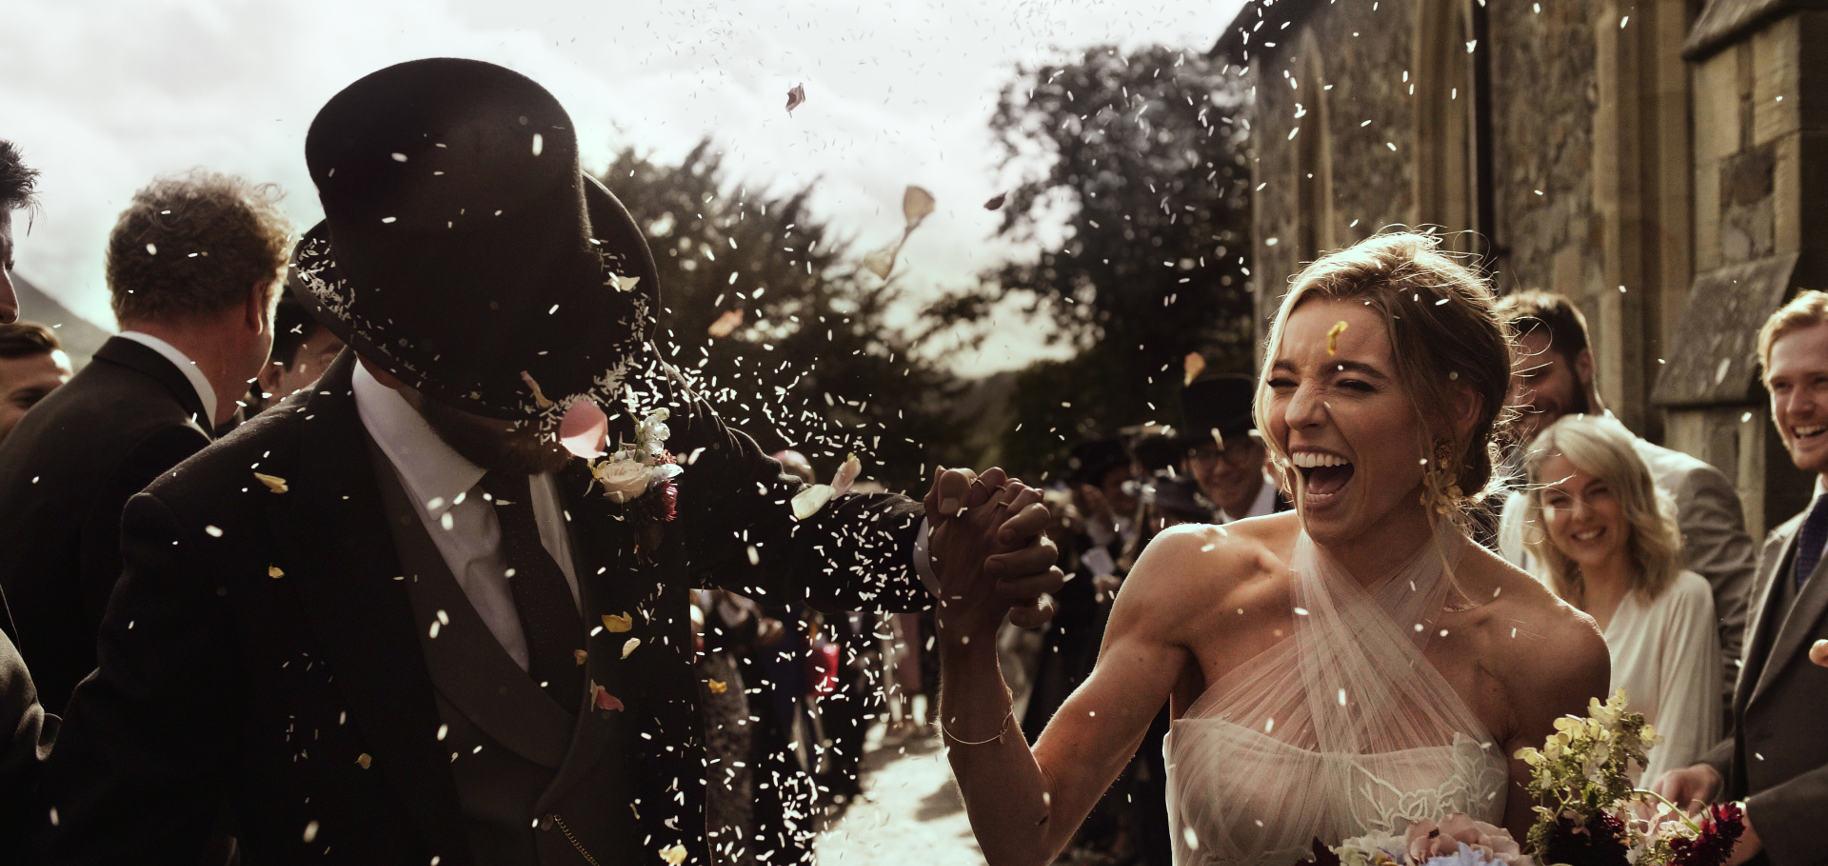 plas dinam ślub wielka brytania ślub za granicą wesele w stodole walia film ślubny